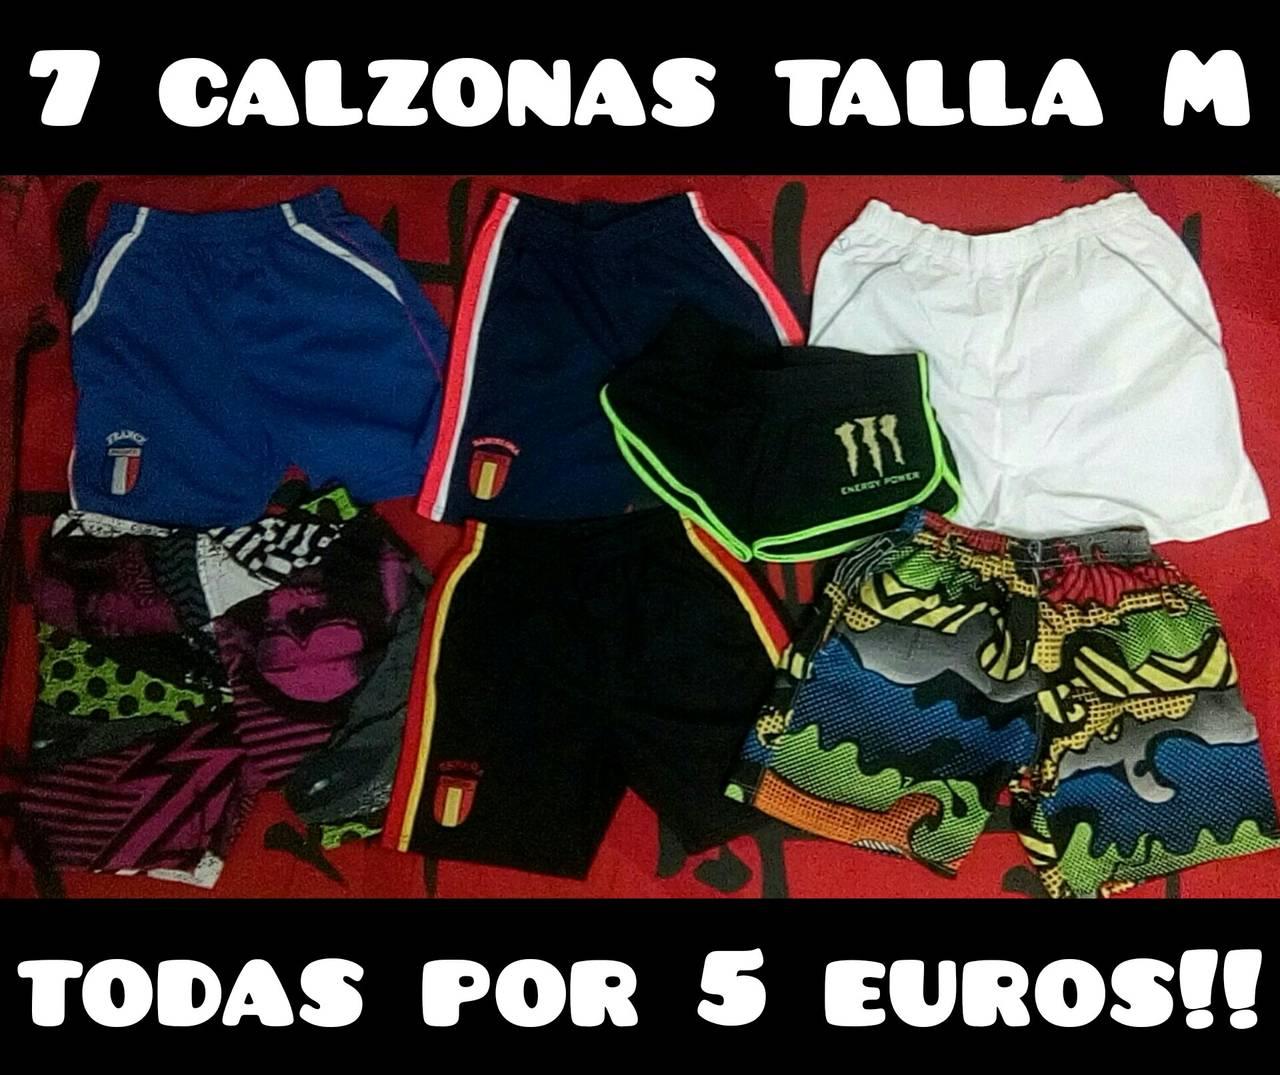 varios lotes de ropa desde 5 euros  - Foto 6